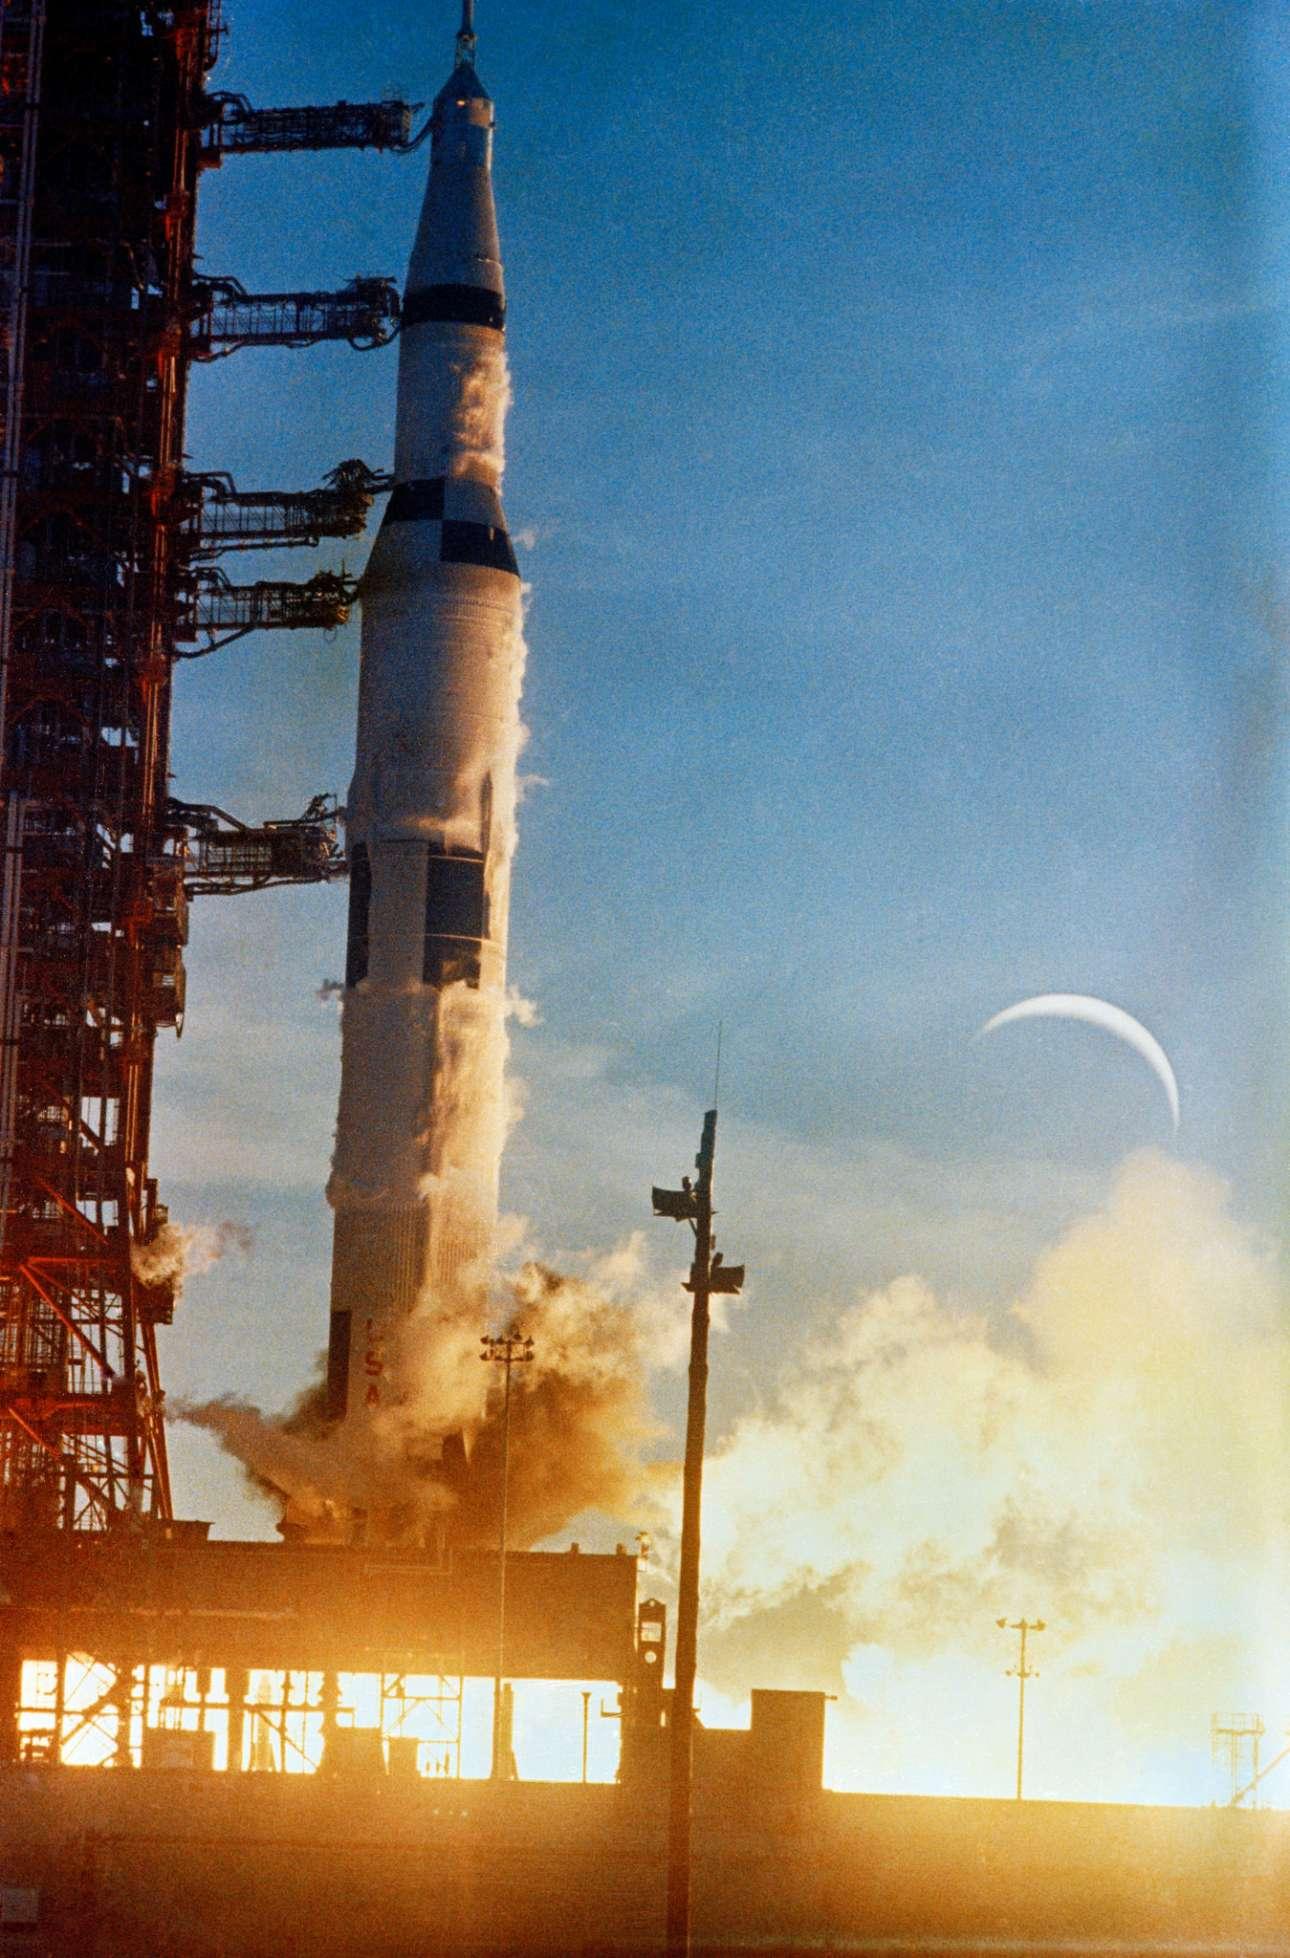 8 παρά δέκα το πρωί της 21 Δεκεμβρίου. Υο πλήρωμα του διαστημόπλοιου εκτοξεύεται από το Διαστημικό Κέντρο Κένεντι στη Φλόριντα